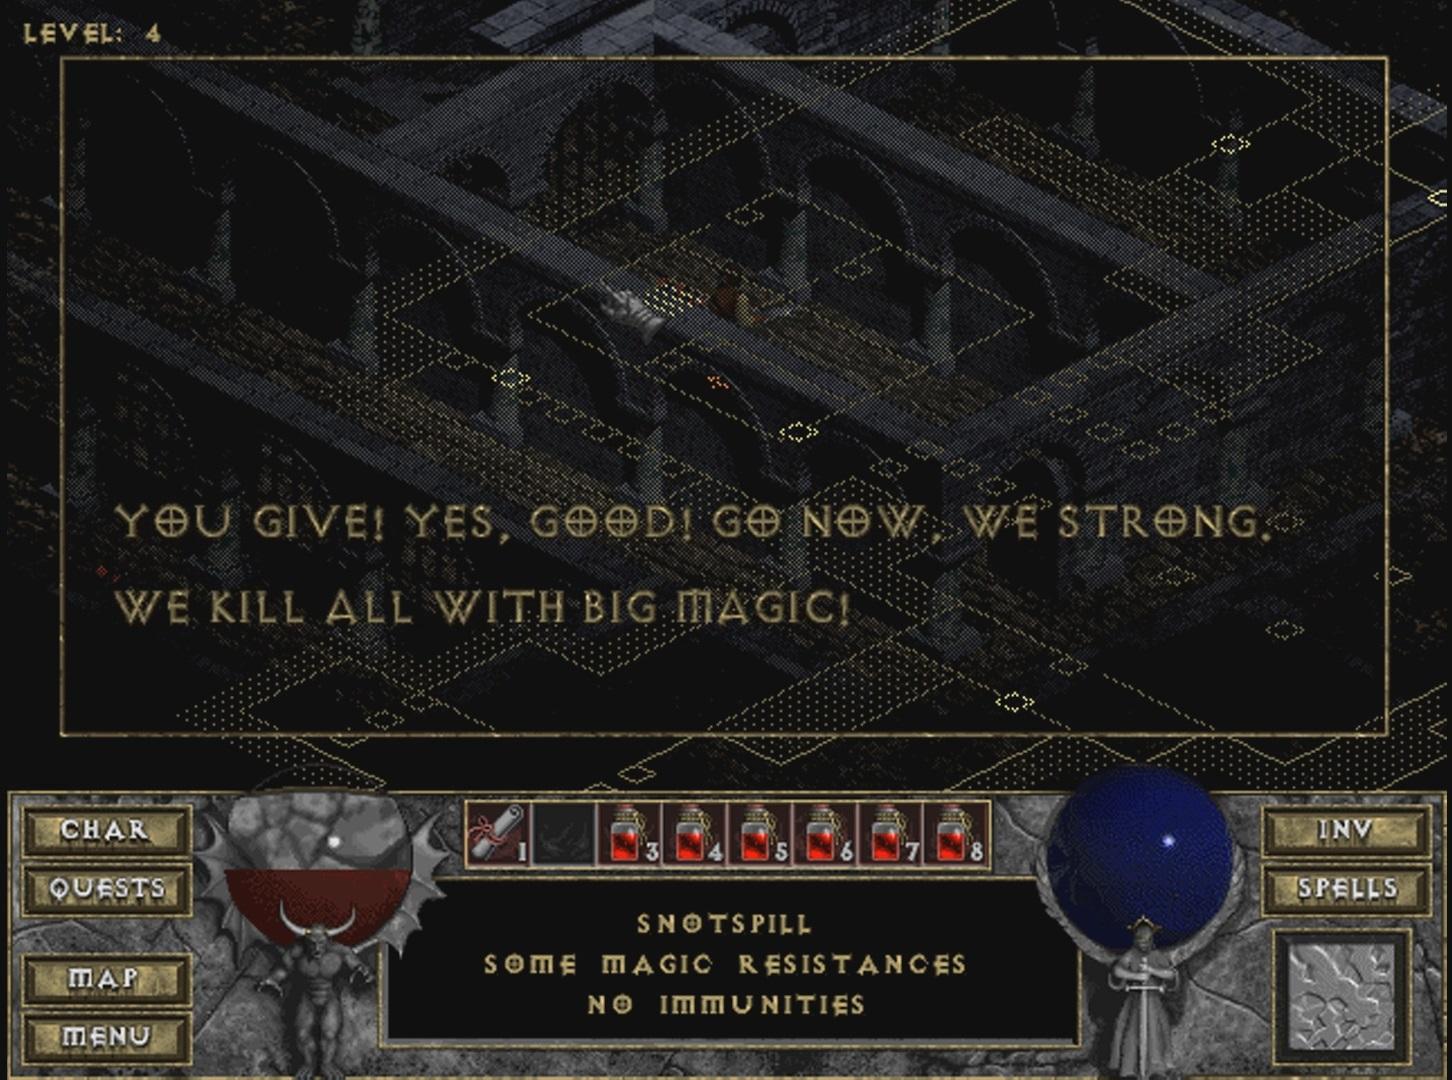 ДЬЯВОЛЬСКАЯ НОСТАЛЬГИЯ | Обзор игры Diablo. - Изображение 8